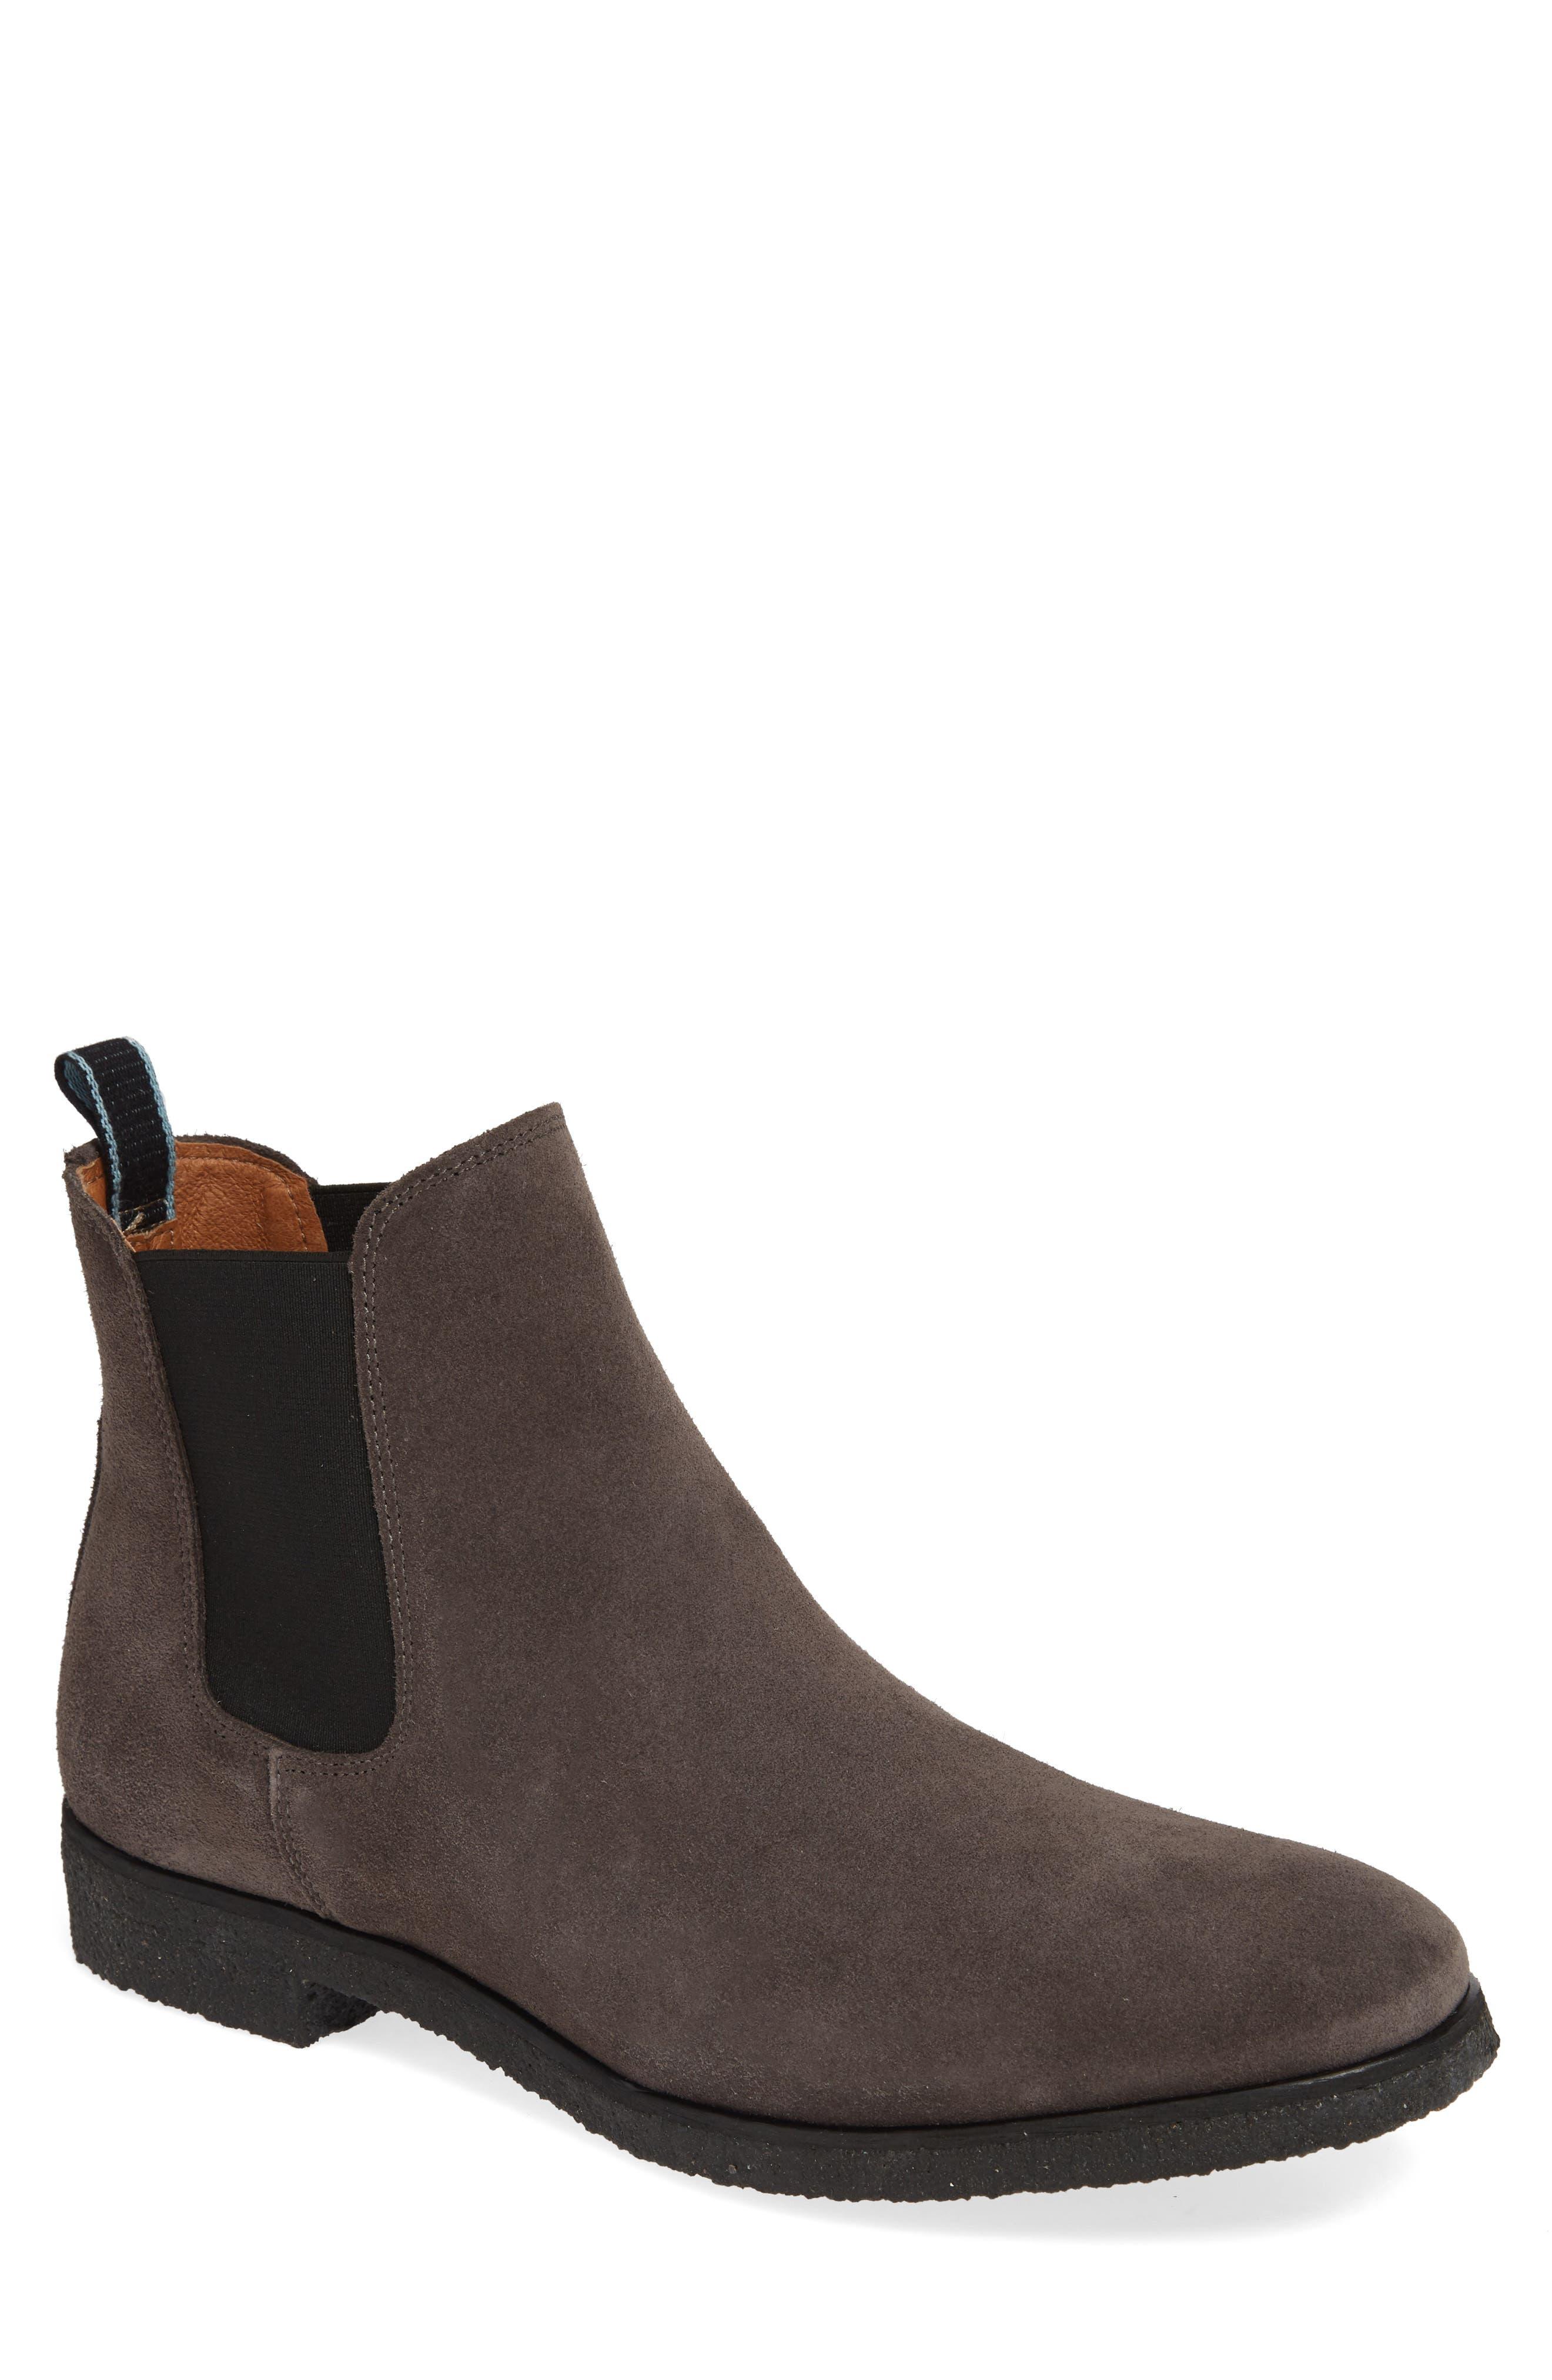 Kelvin Chelsea Boot by Shoe The Bear